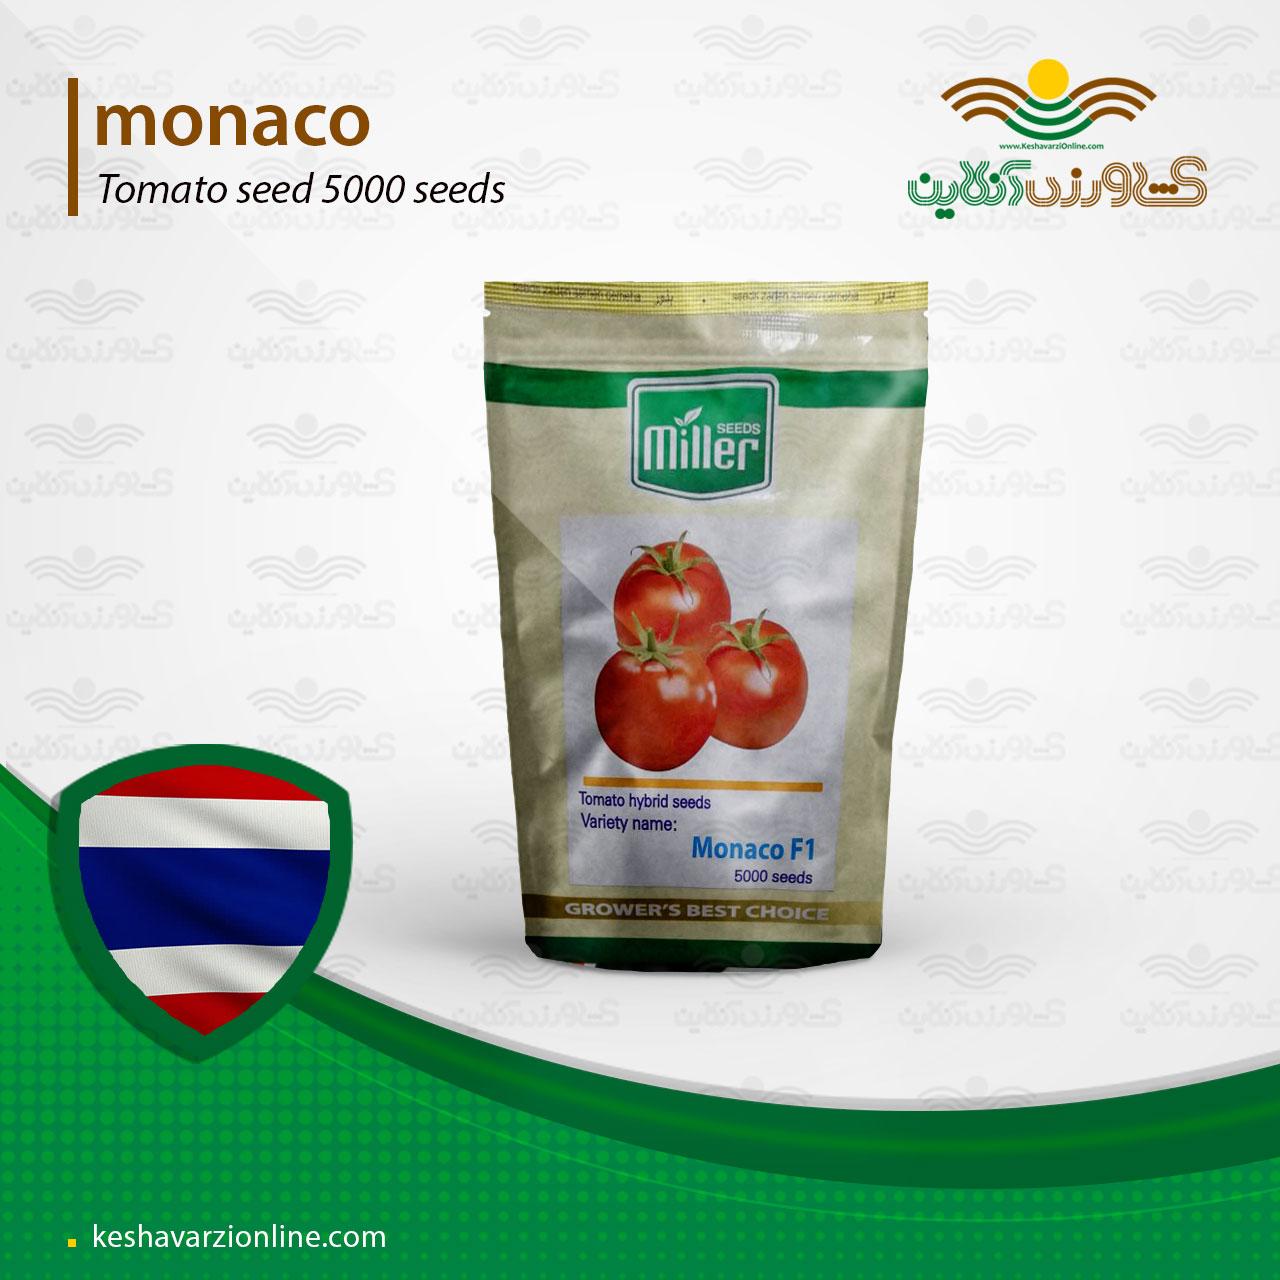 موناکو پربارترین بذر گوجه فرنگی گرد صادراتی